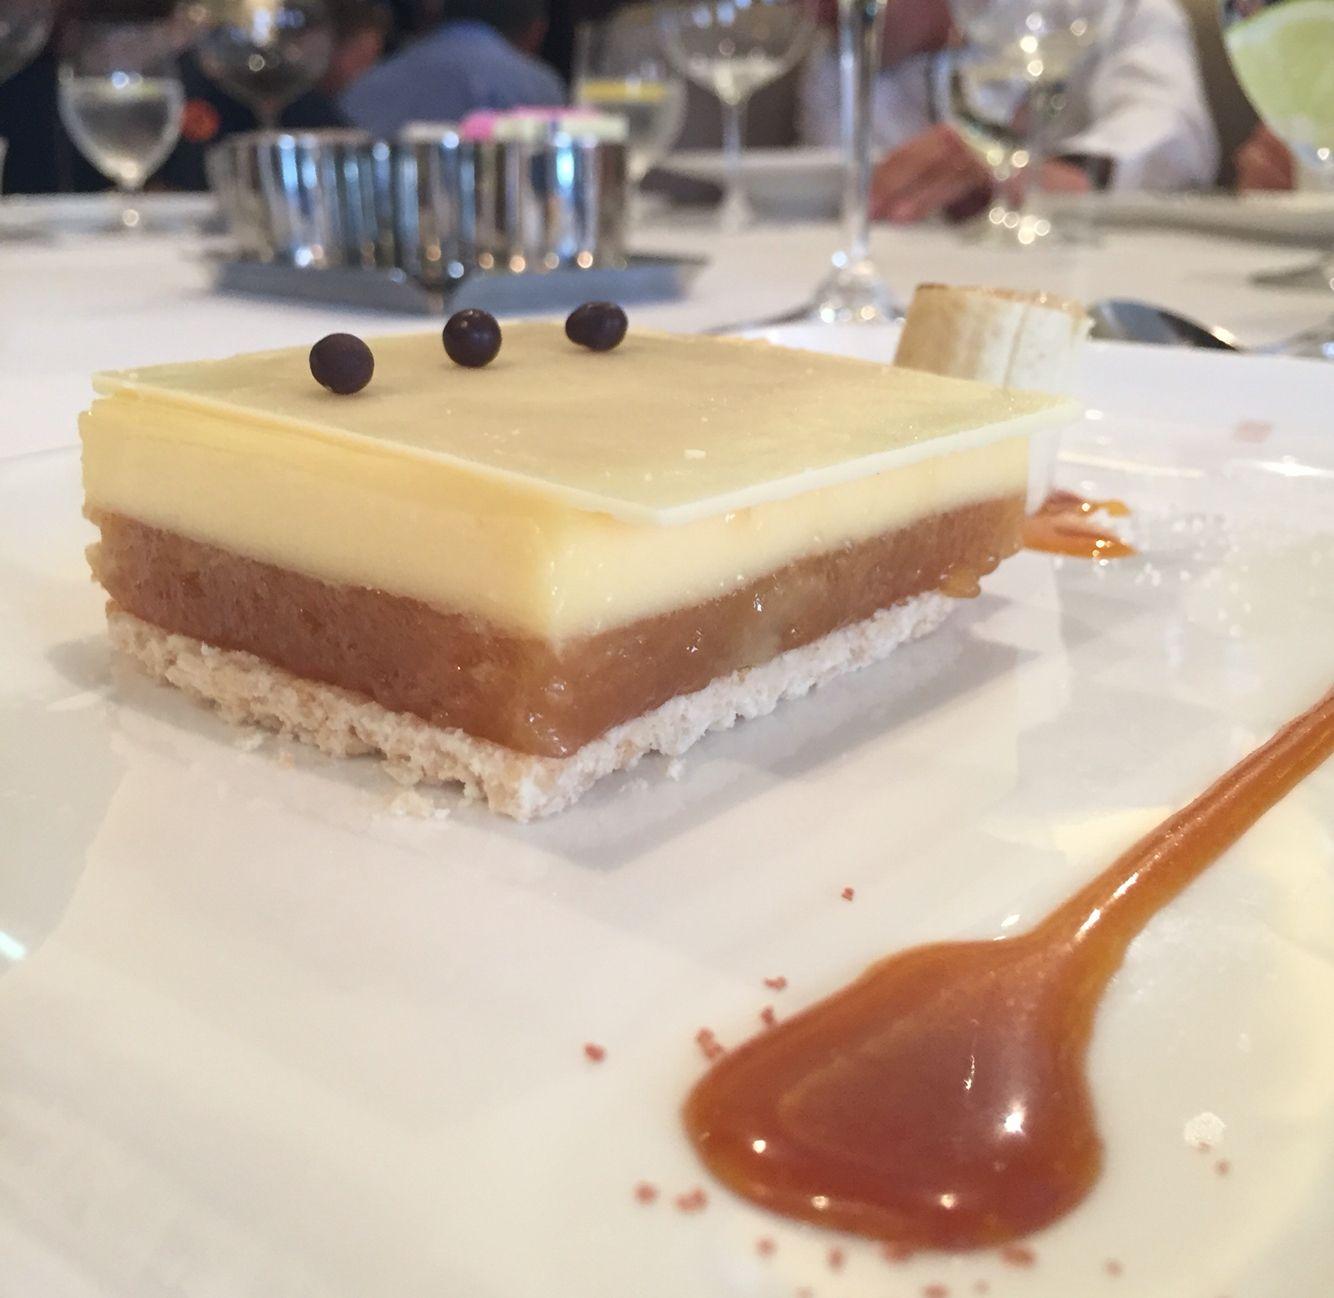 Sensational caramel tart with flambé banana onboard